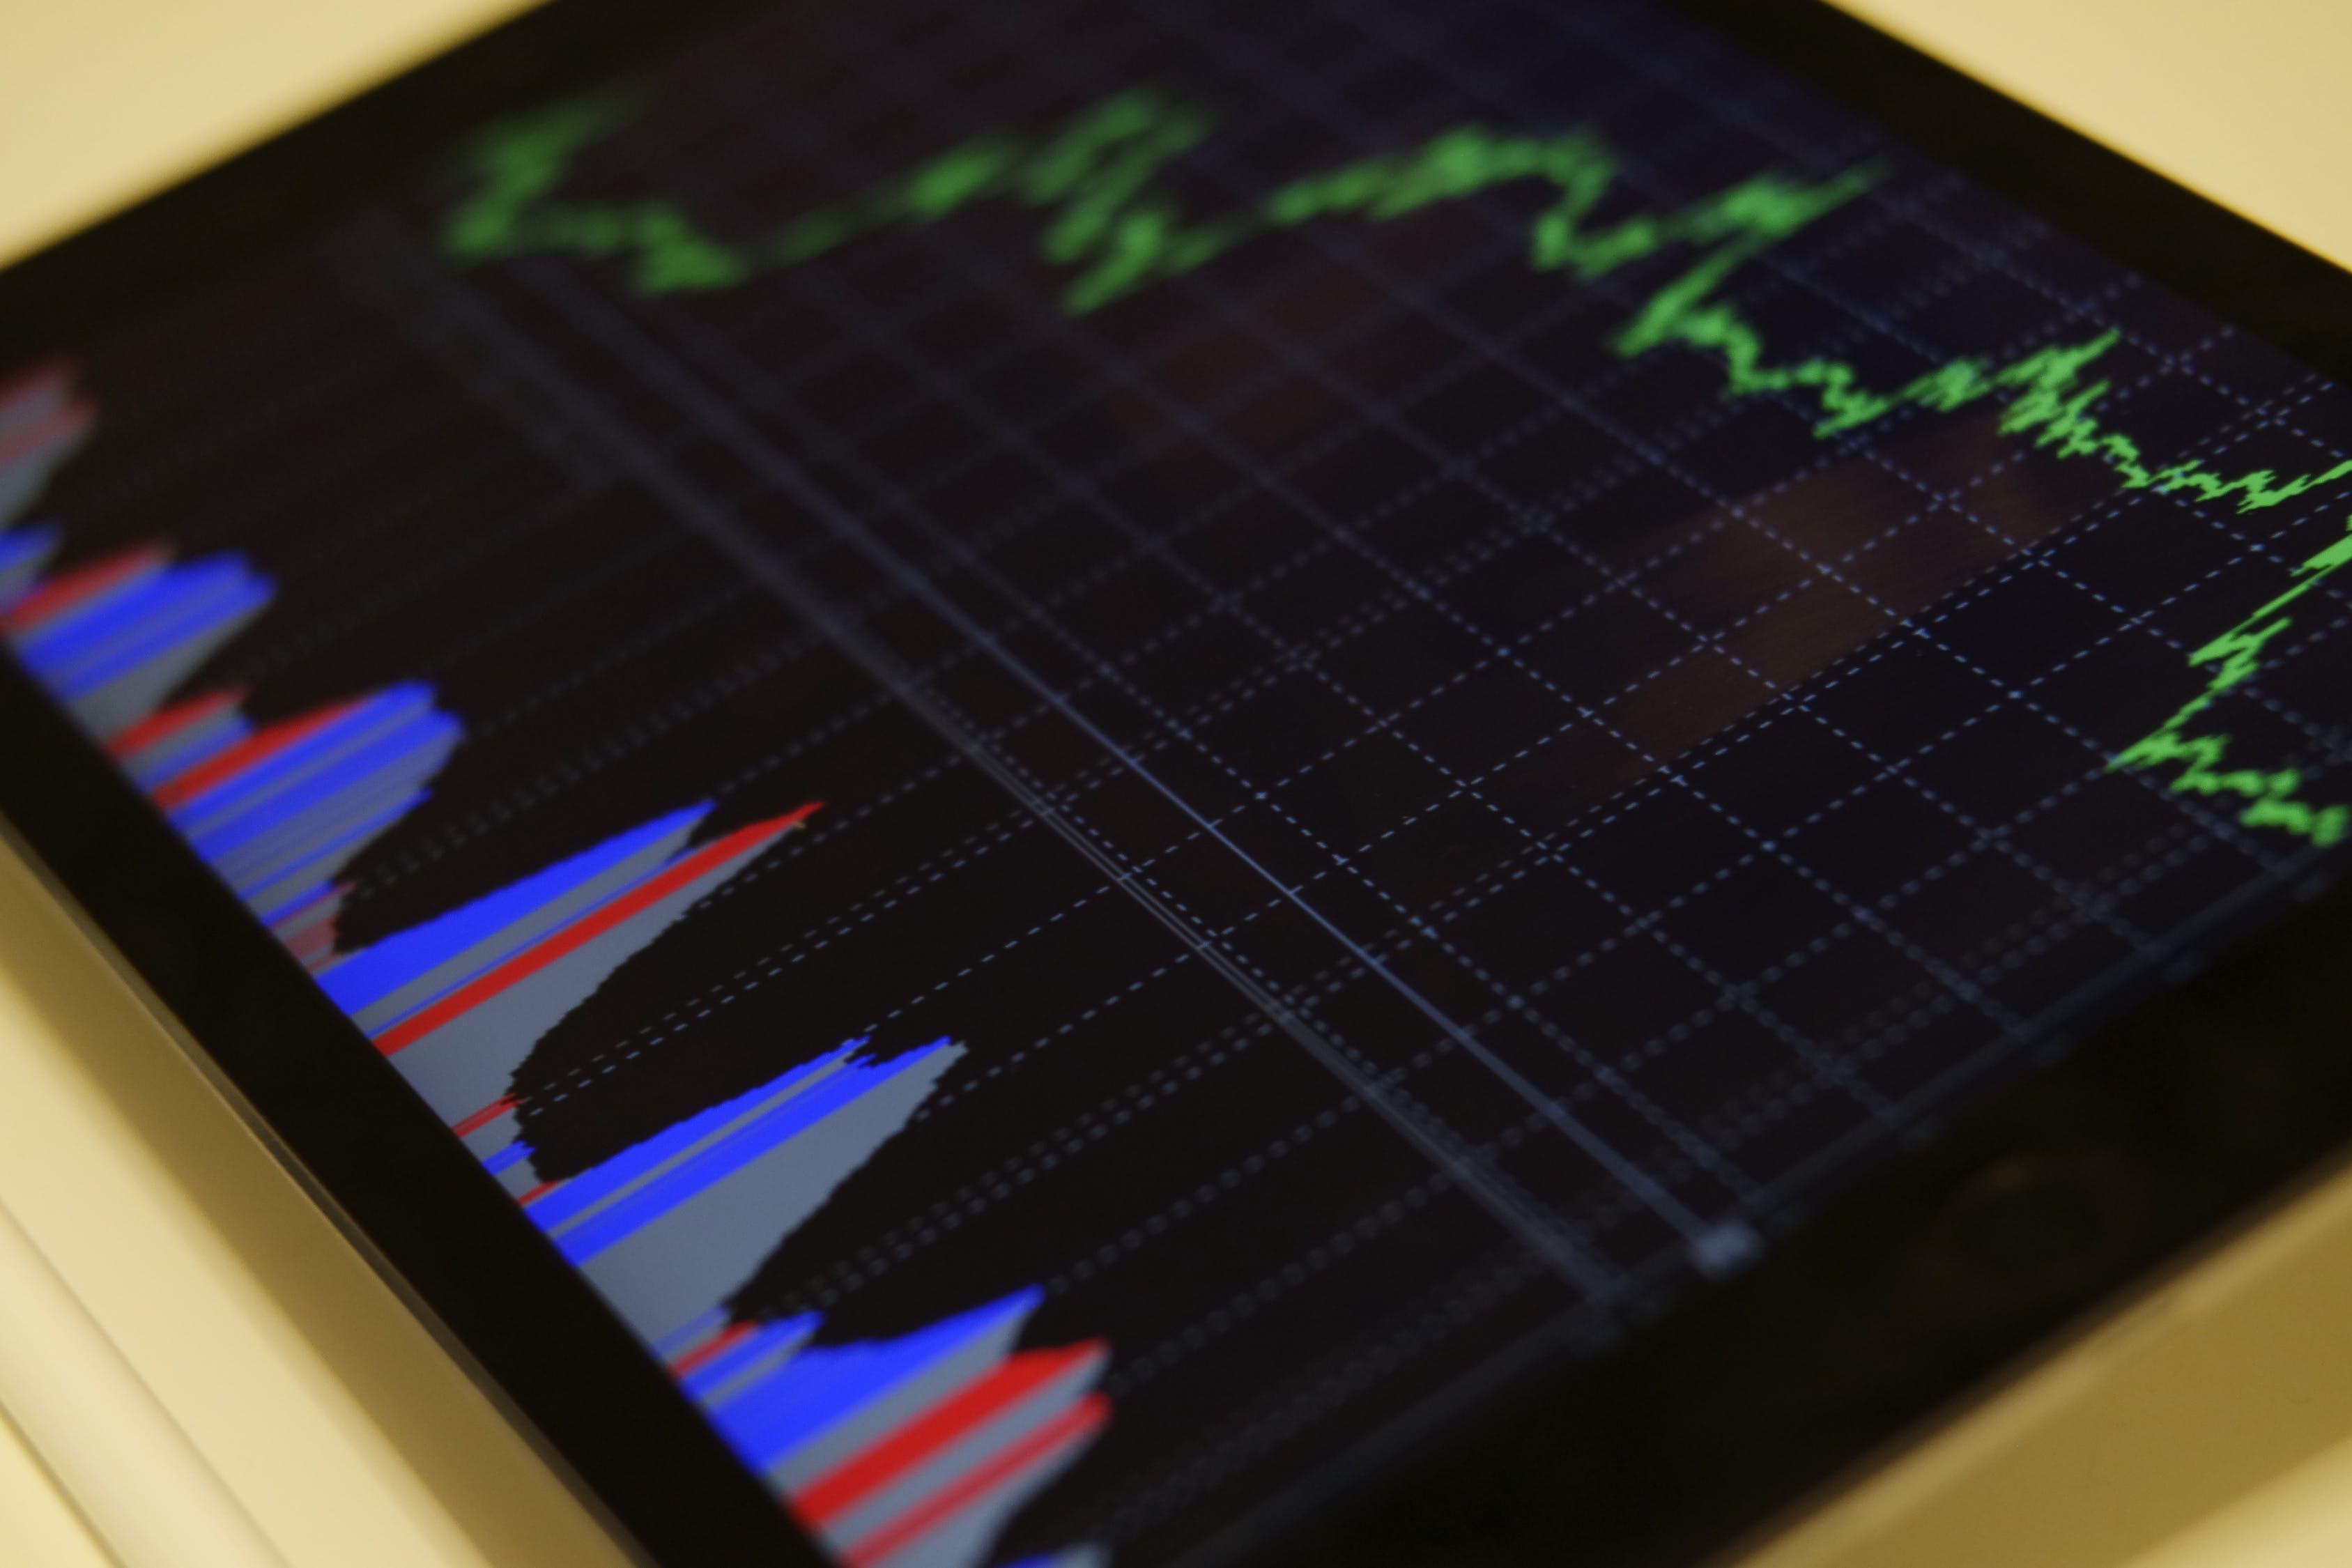 美股周一全线上涨:特斯拉涨逾4% 谷歌微软等创历史新高